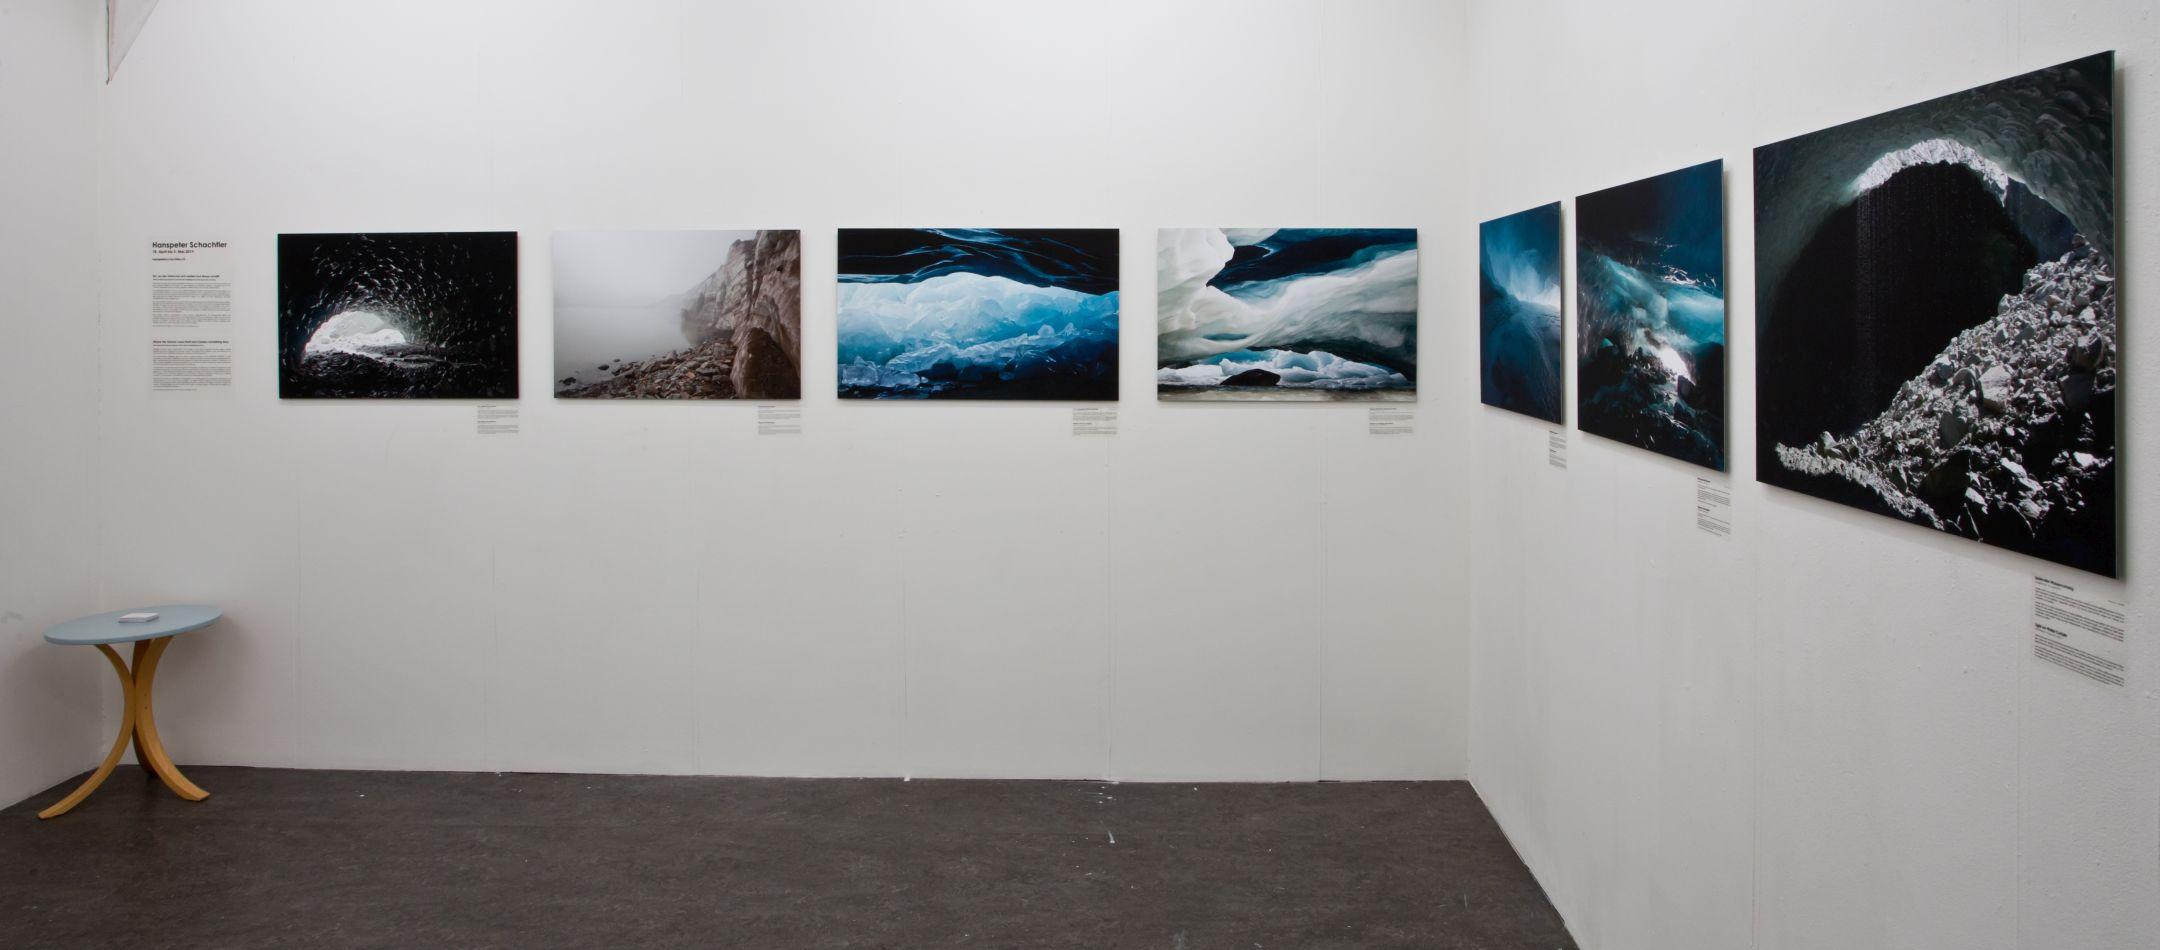 Ausstellung von Hanspeter Schachtler in der Photobastei zwischen dem 18. April und 5. Mai 2019. Es werden sieben Bilder aus der Welt der Gletscher gezeigt.